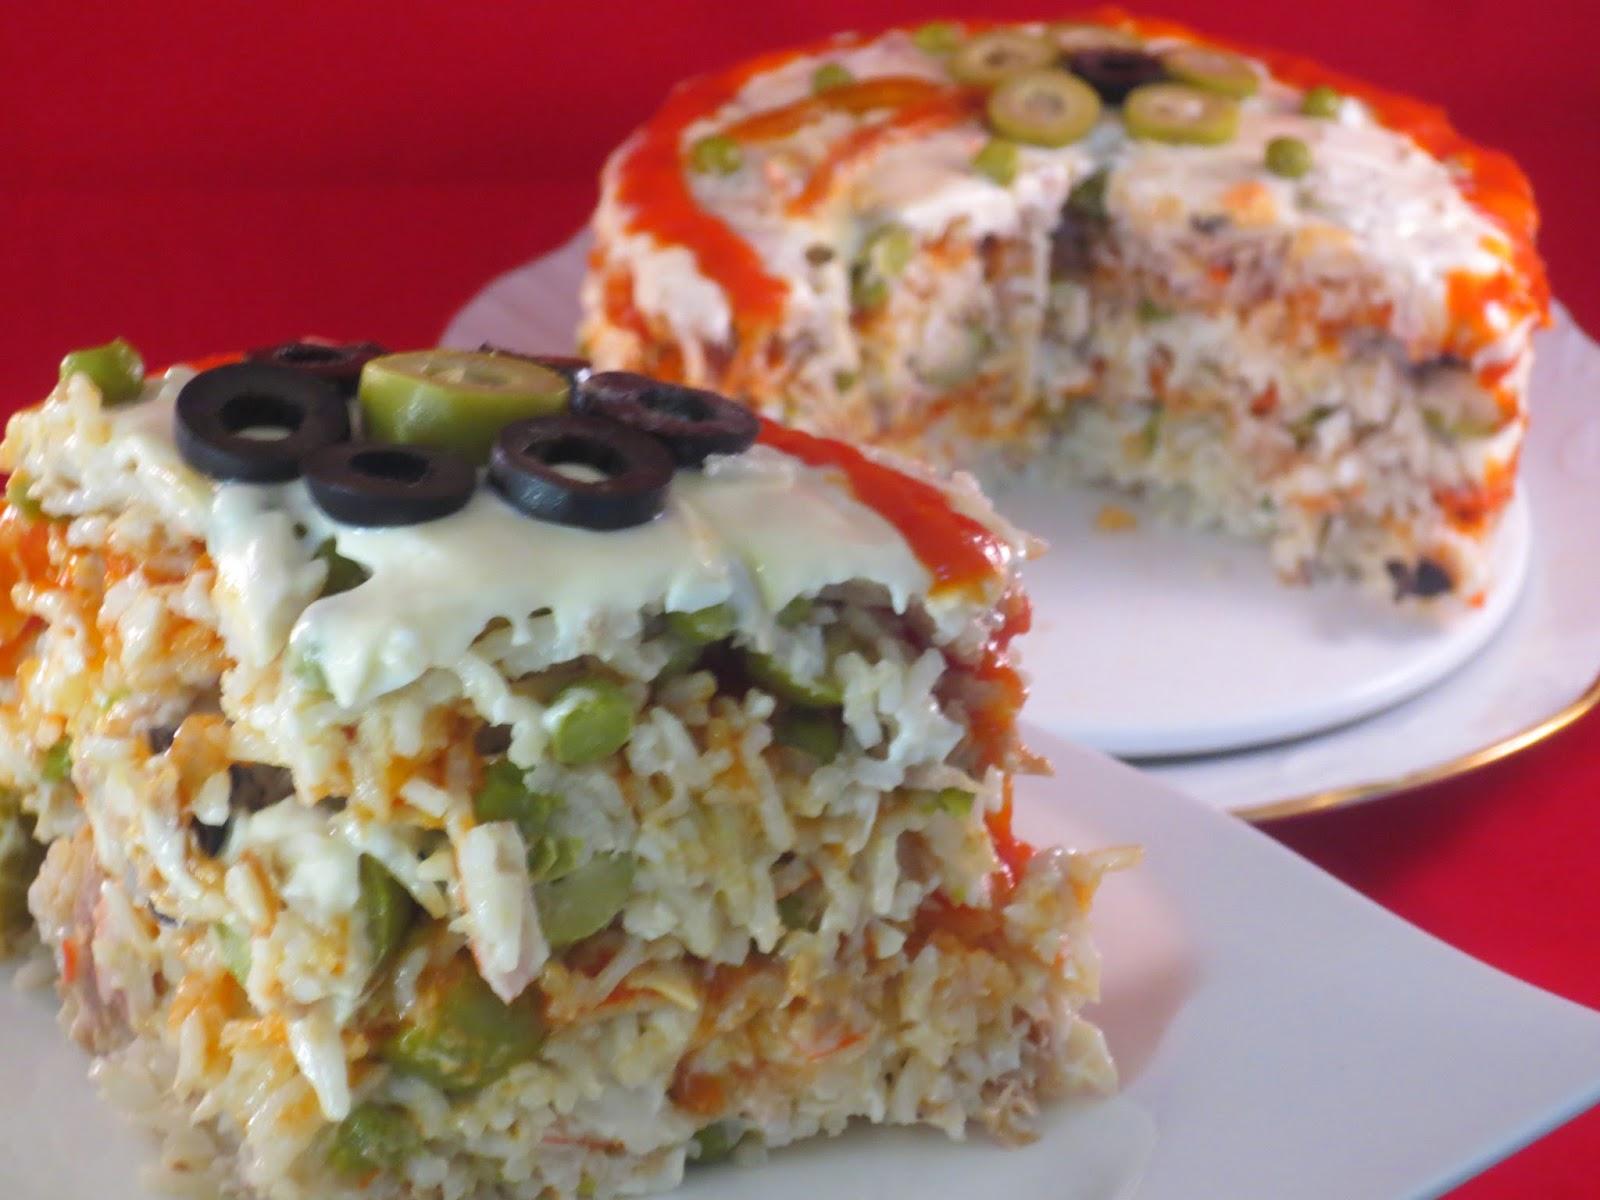 Pastel de ensalada de arroz thermomix - Ensalada de arroz light ...